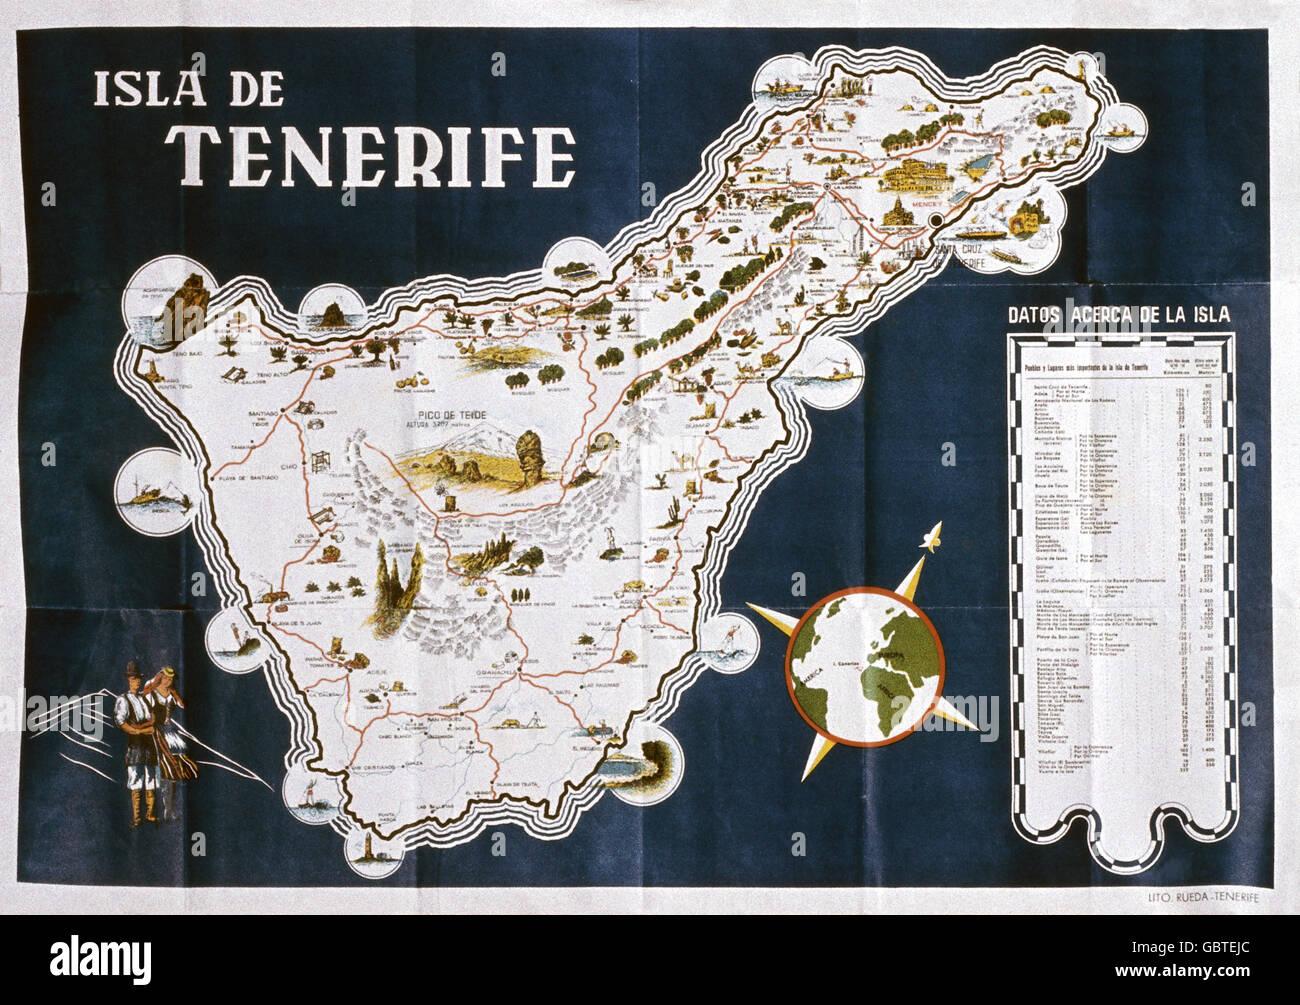 Geographie Reisen Spanien Kanarische Inseln Teneriffa